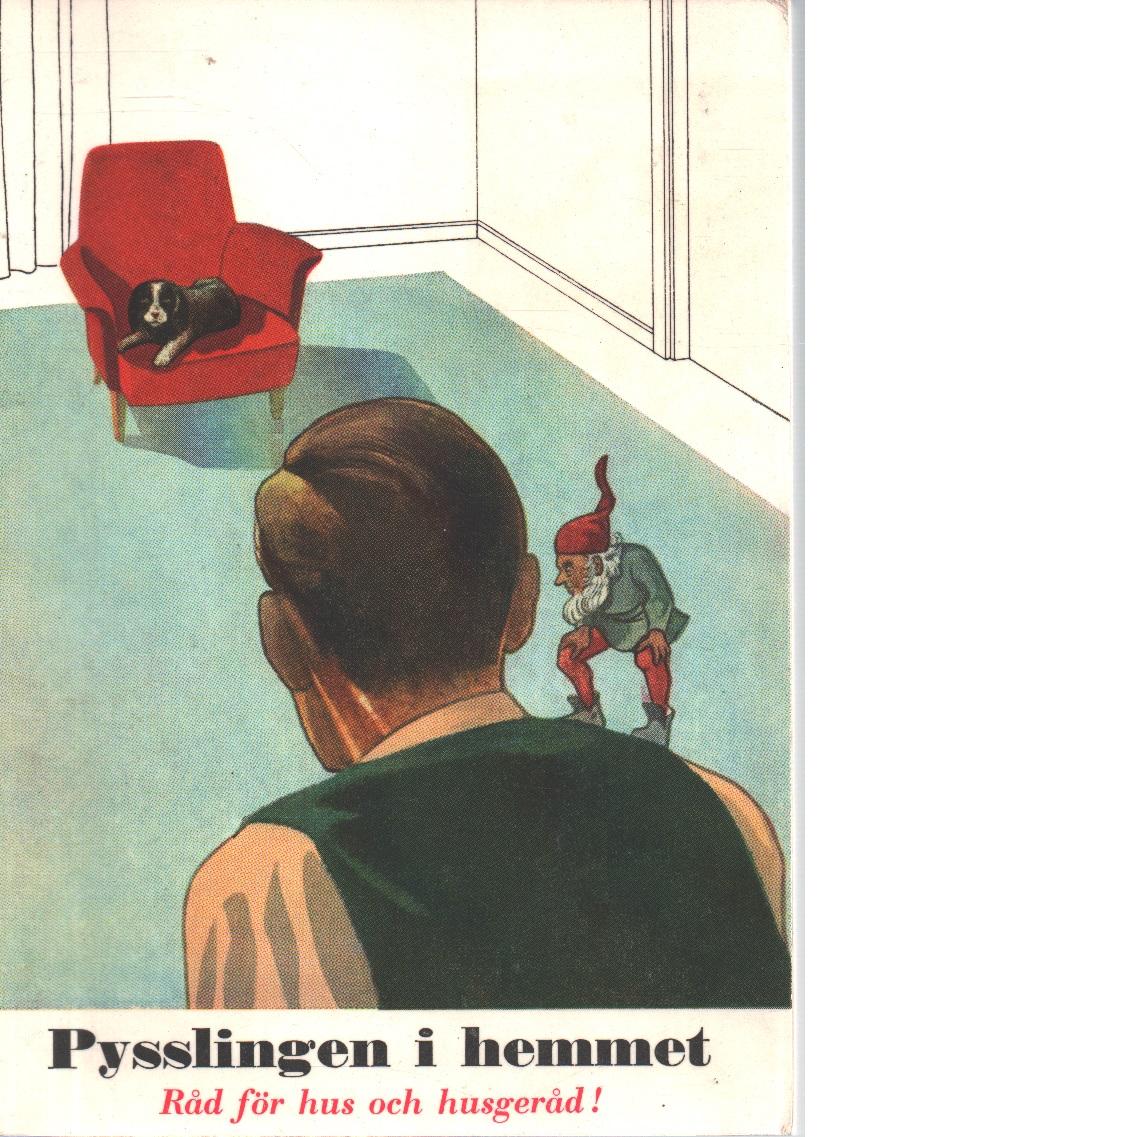 Pysslingen i hemmet. råd för hus och husgeråd - Red.